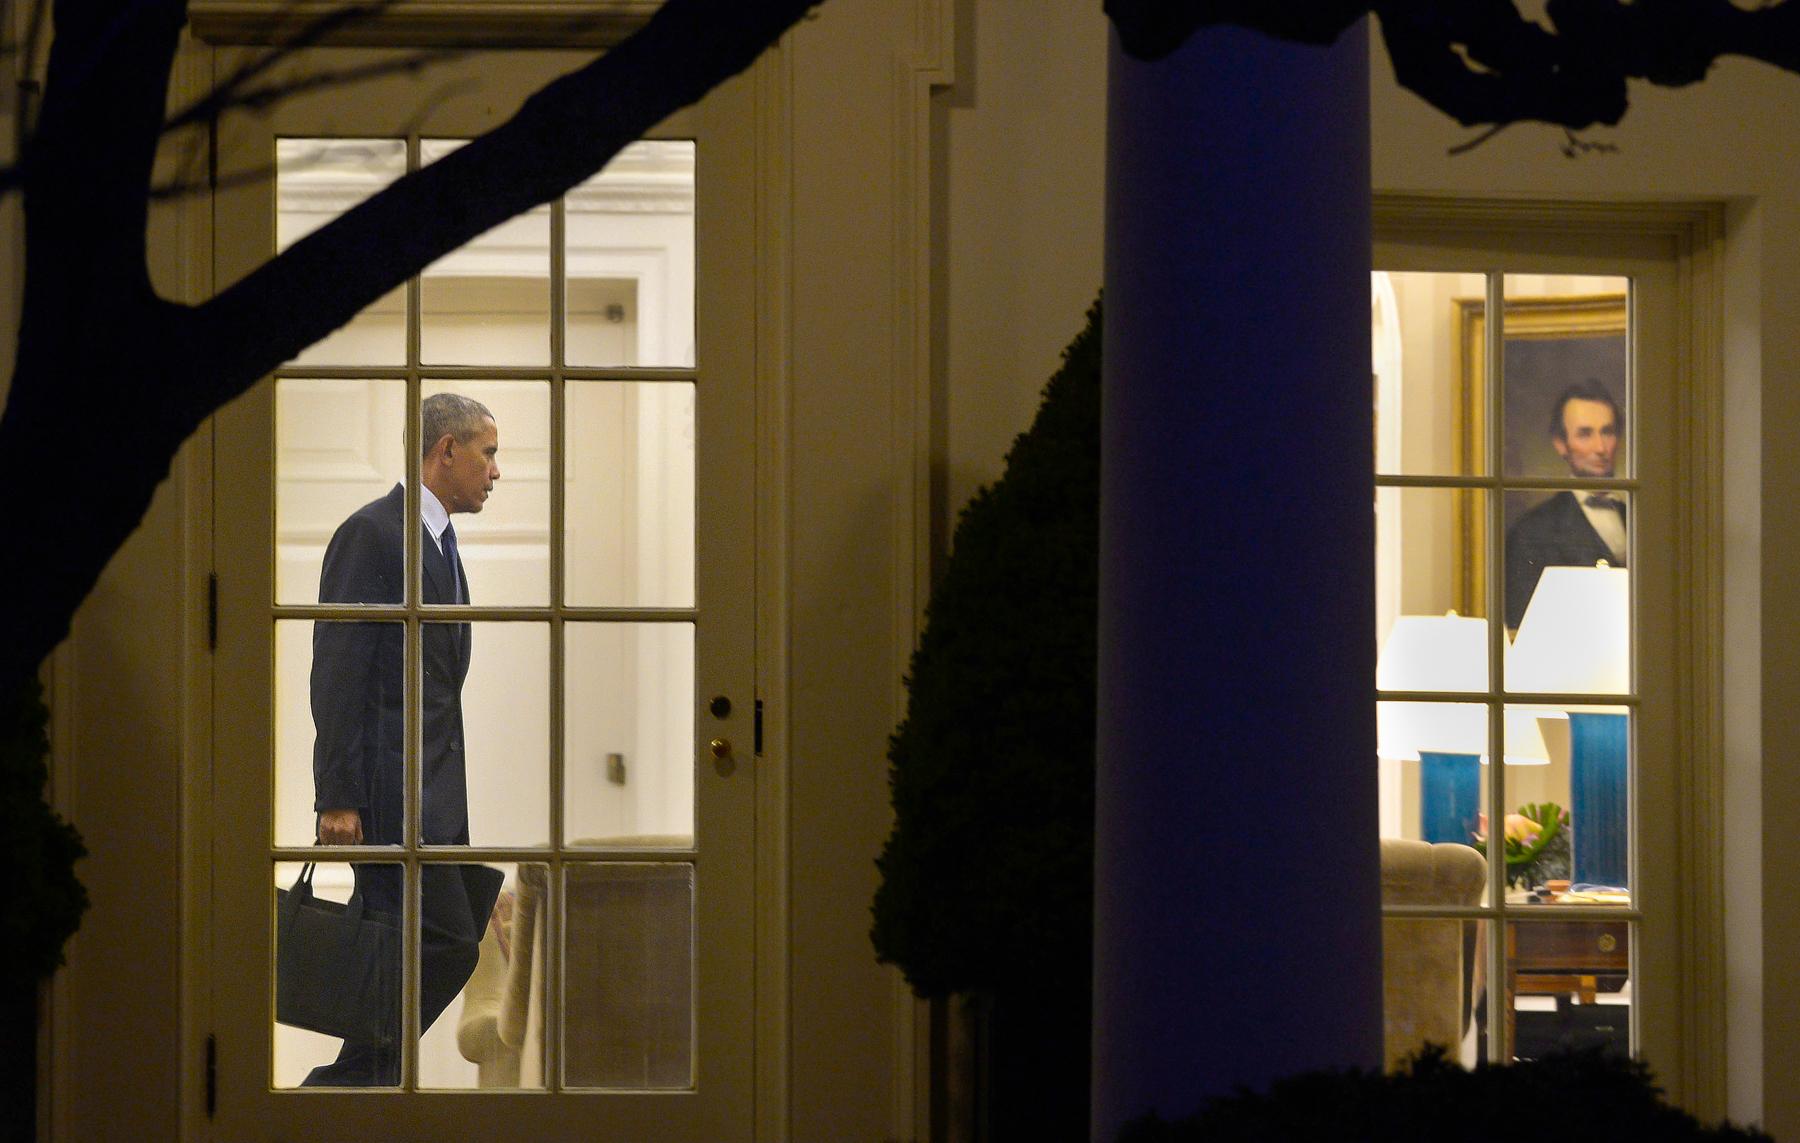 Vista de Barack Obama a través de las ventanas dentro de la Casa Blanca (© Getty Images/Olivier Douliery)